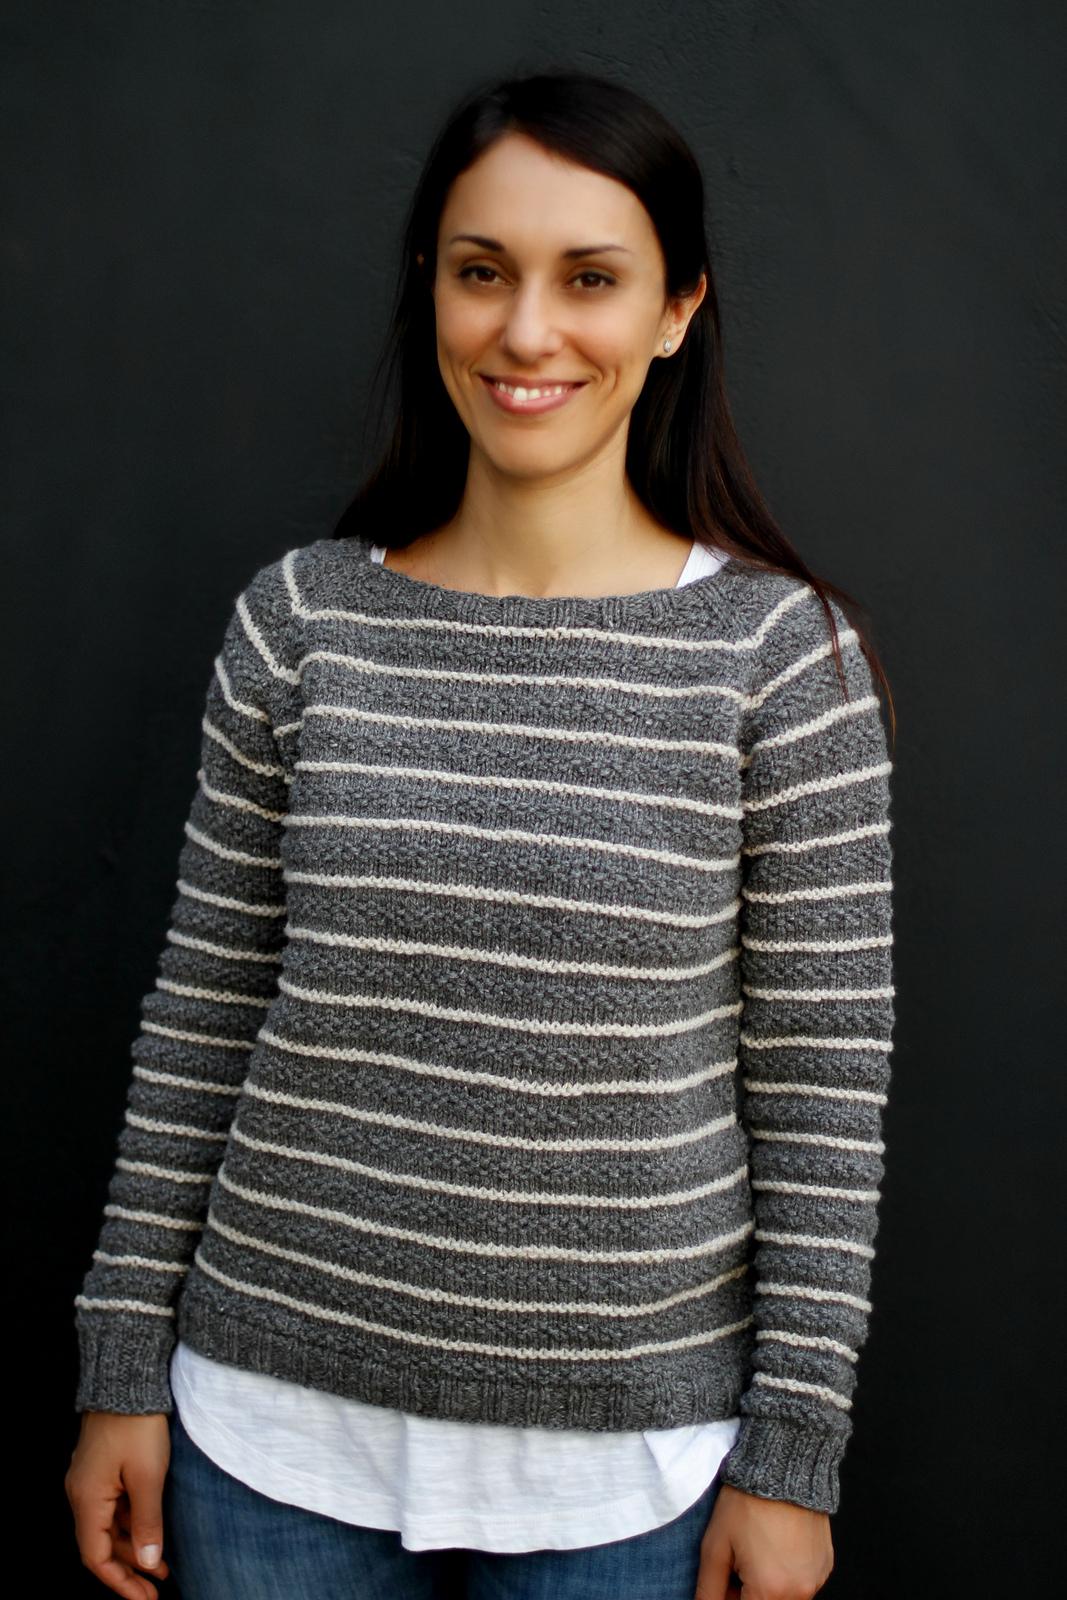 Вязание спицами полосатый джемпер